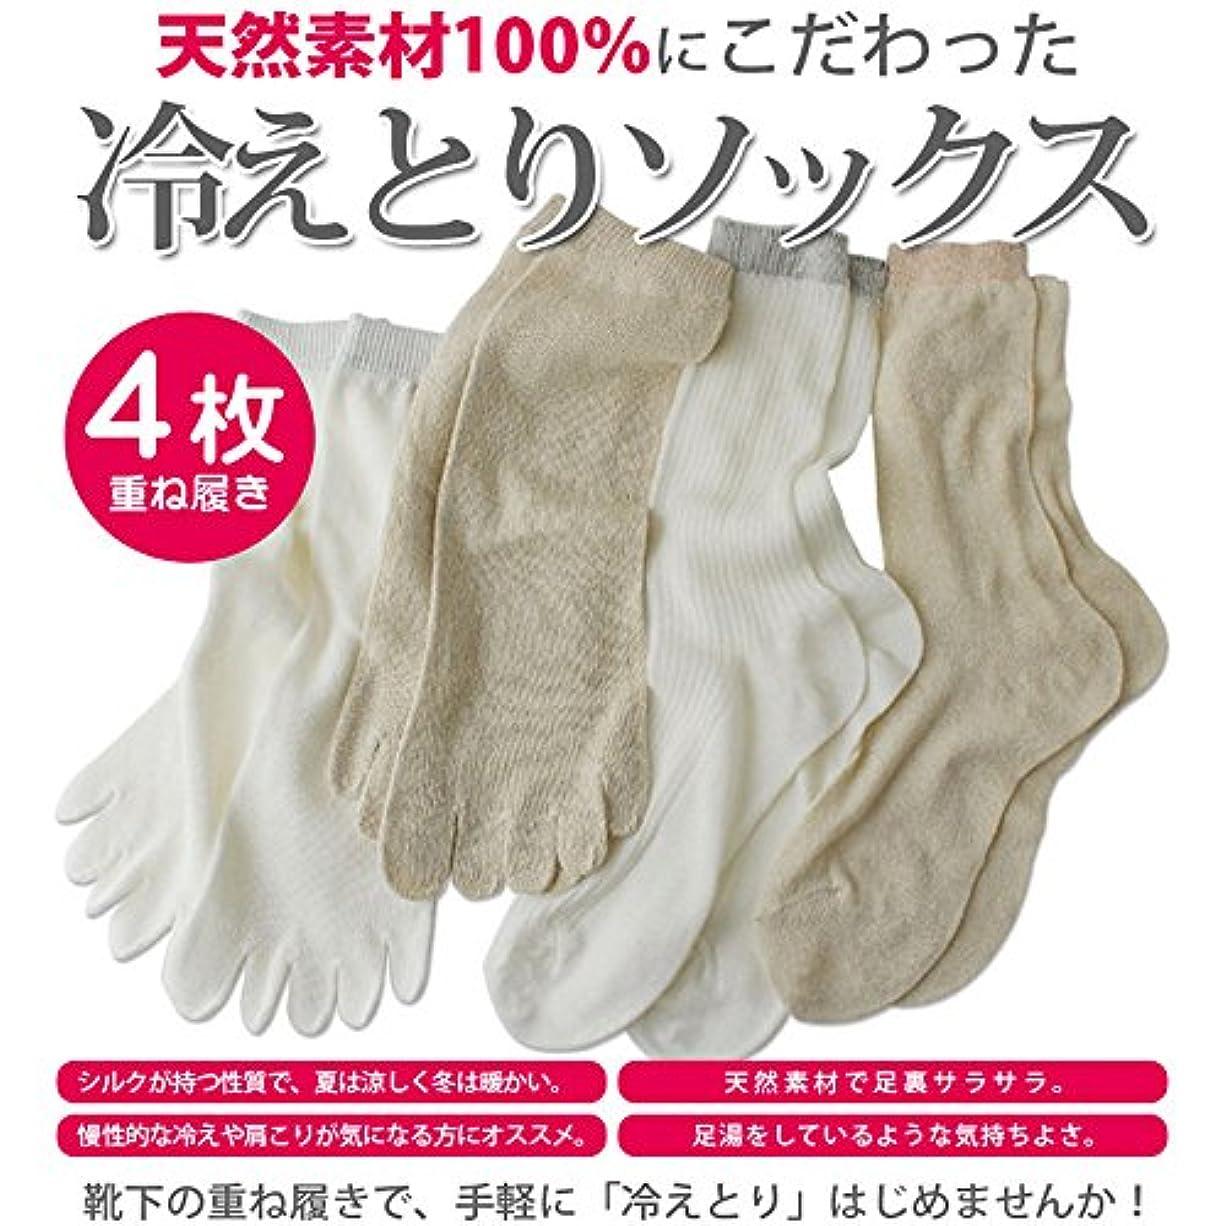 ポインタカンガルーパズル冷え取り靴下 綿100%とシルク100% 呼吸ソックス 4枚重ねばきであったか 4枚セット